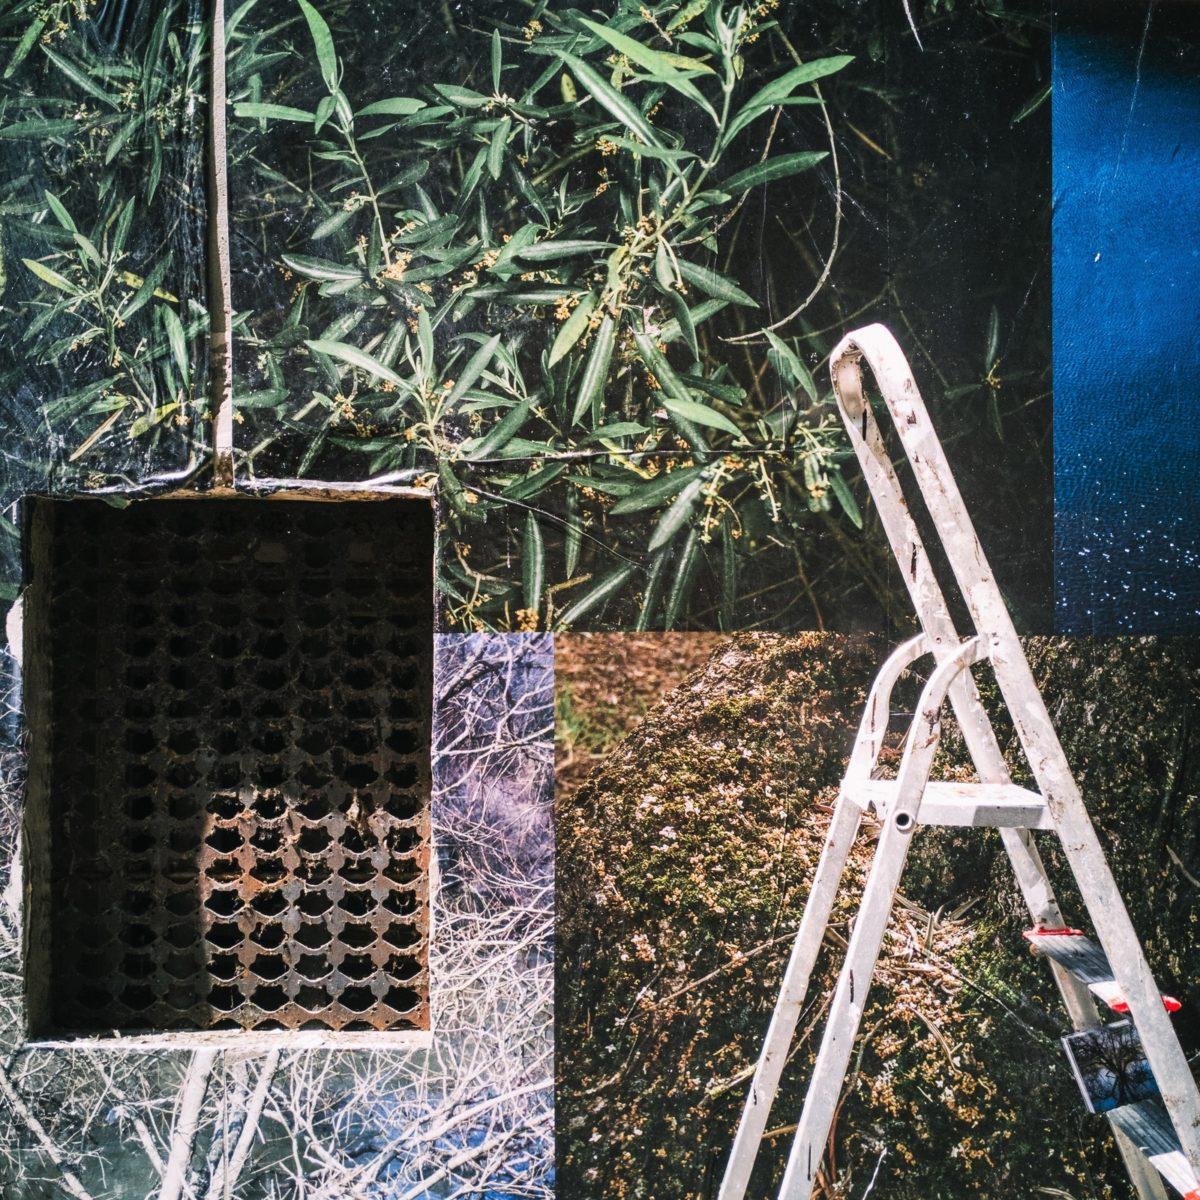 aliocha boi arles photographie surfaces mur streetart2 - Le photographe Aliocha Boi révèle la façade street d'Arles